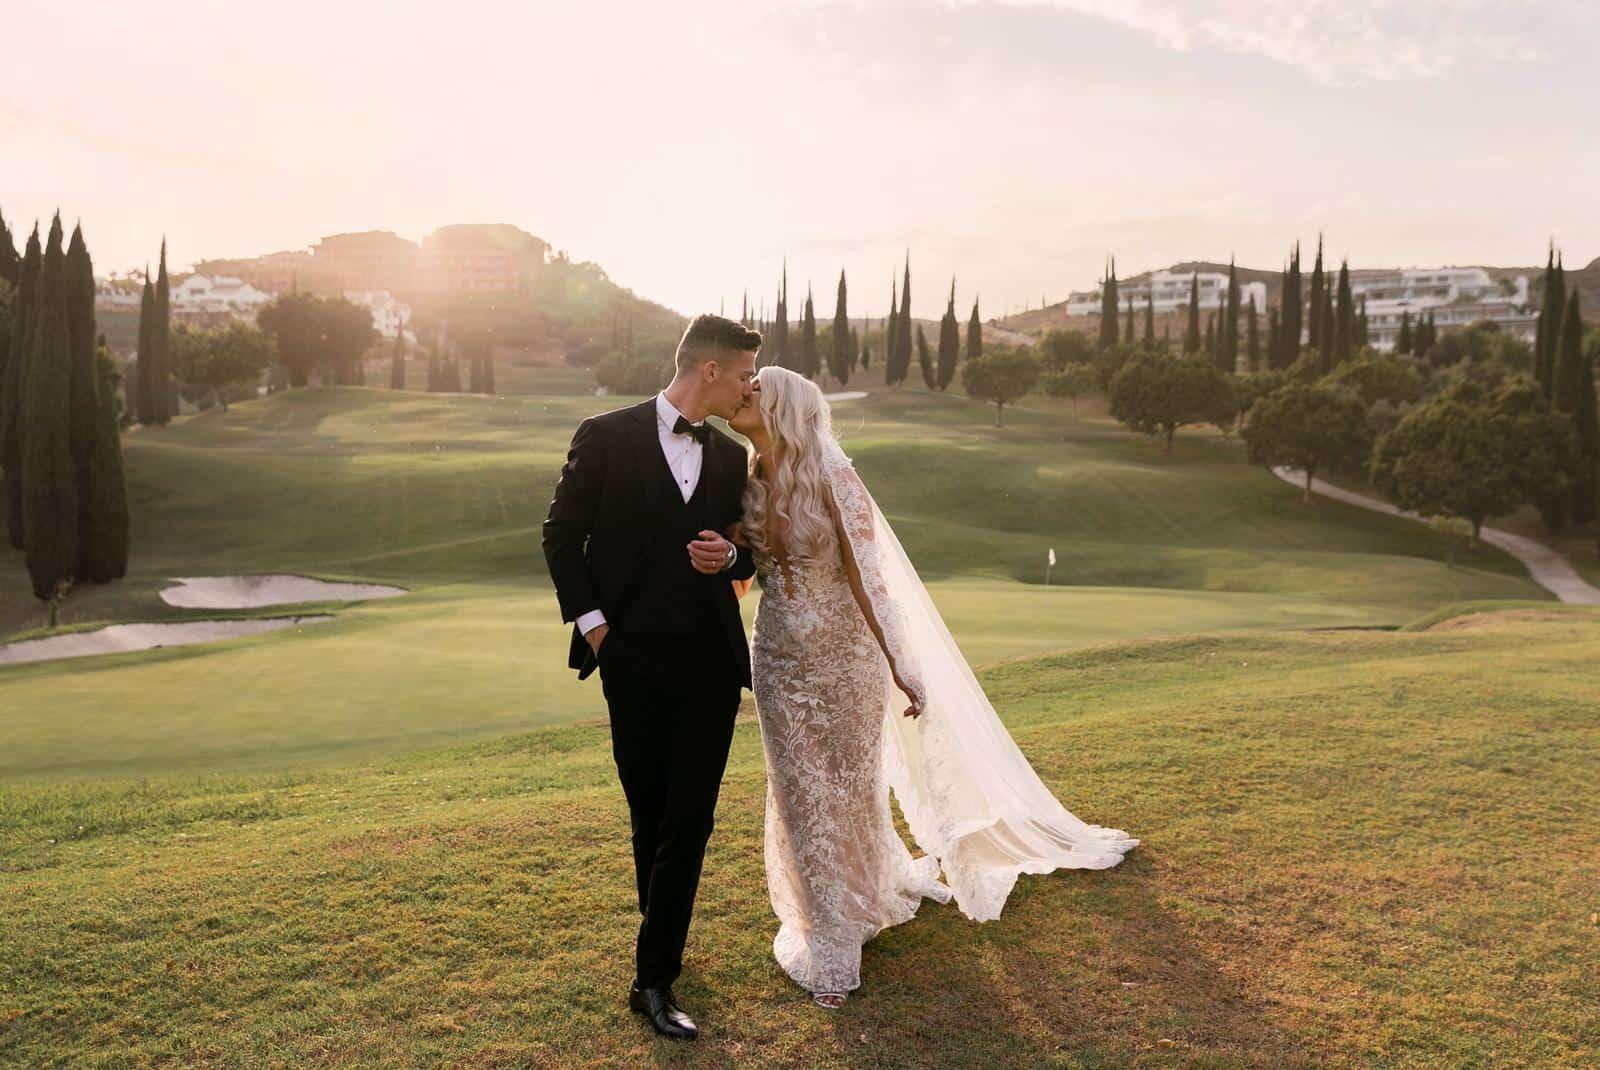 Glamorous-Wedding-of-Shauna-Darragh-Lenihan-by-Muriel-Saldalamacchia